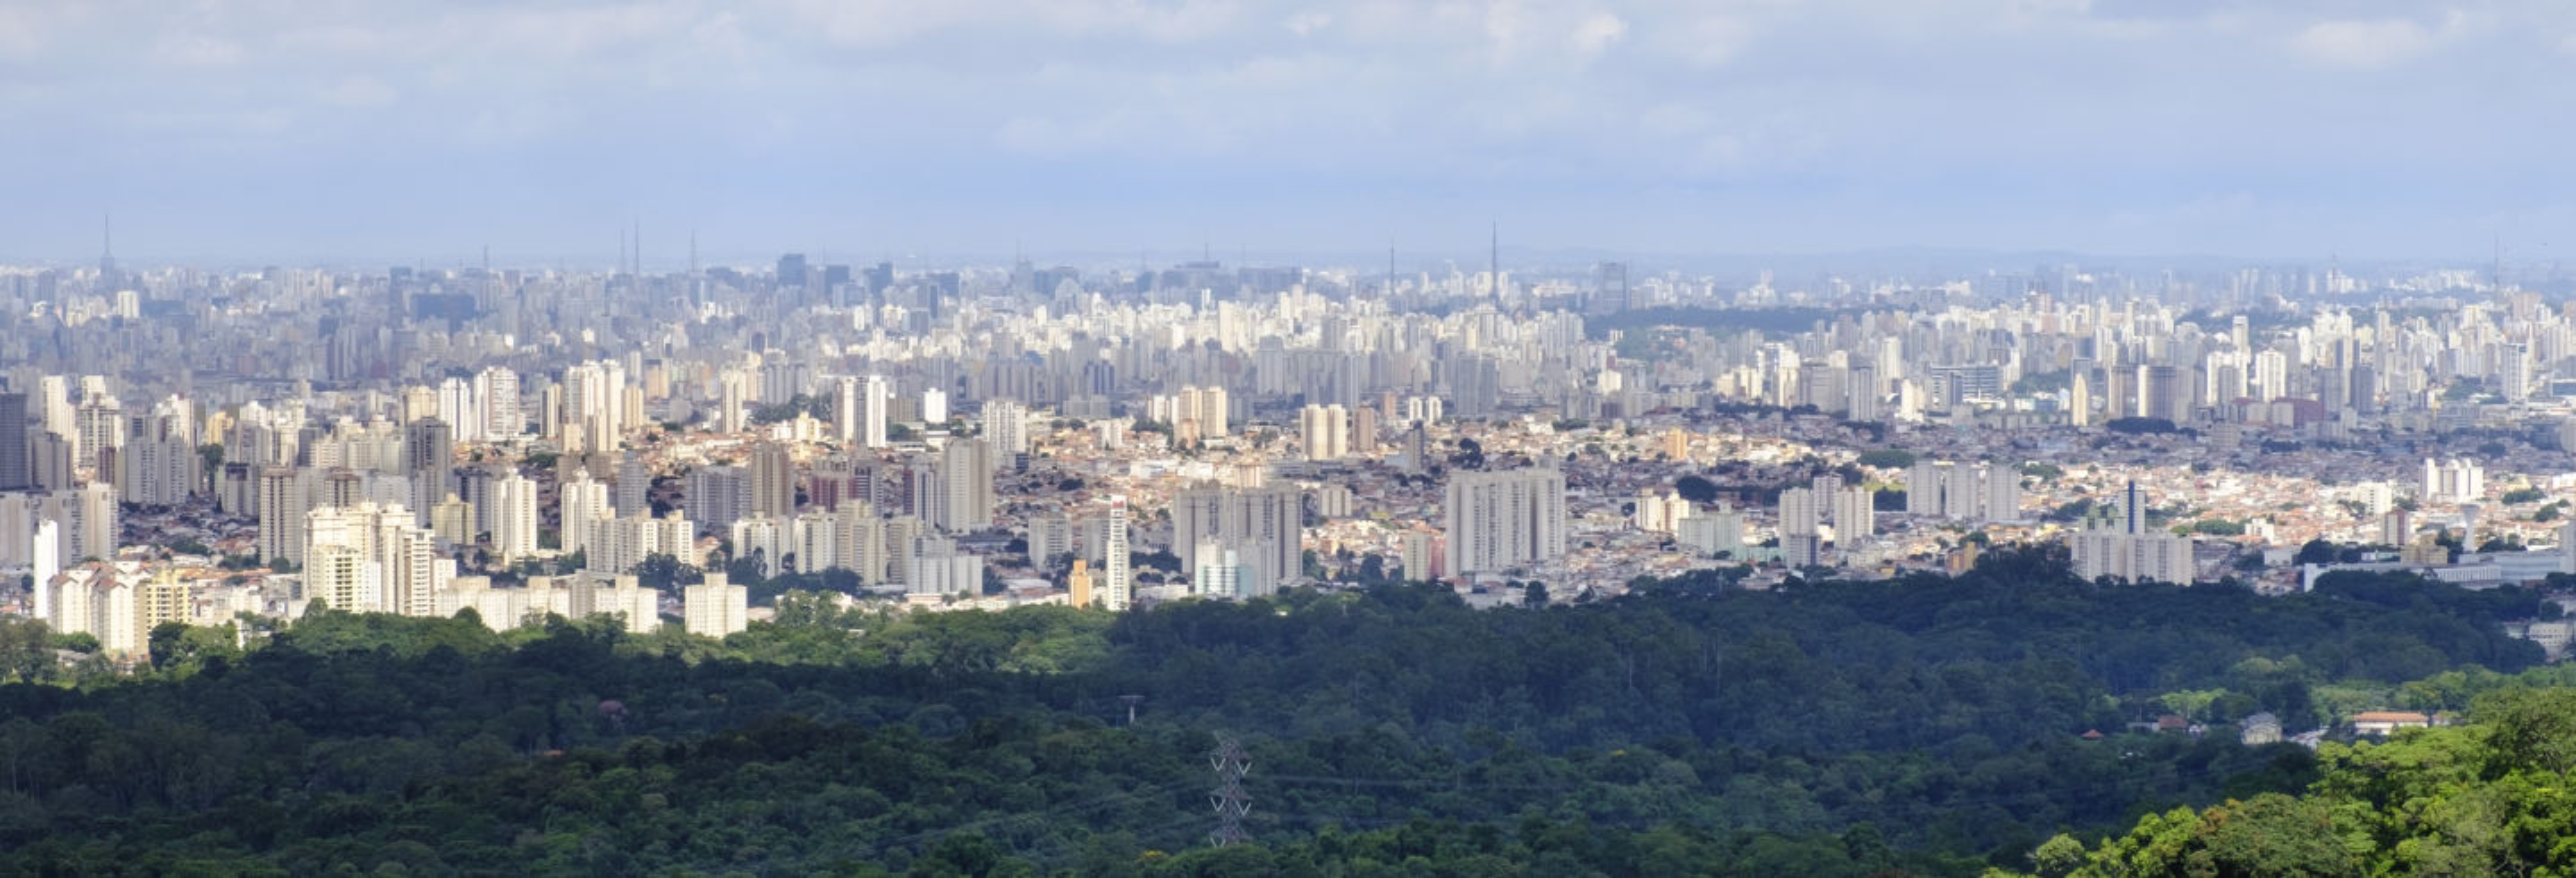 Excursión privada a São Paulo